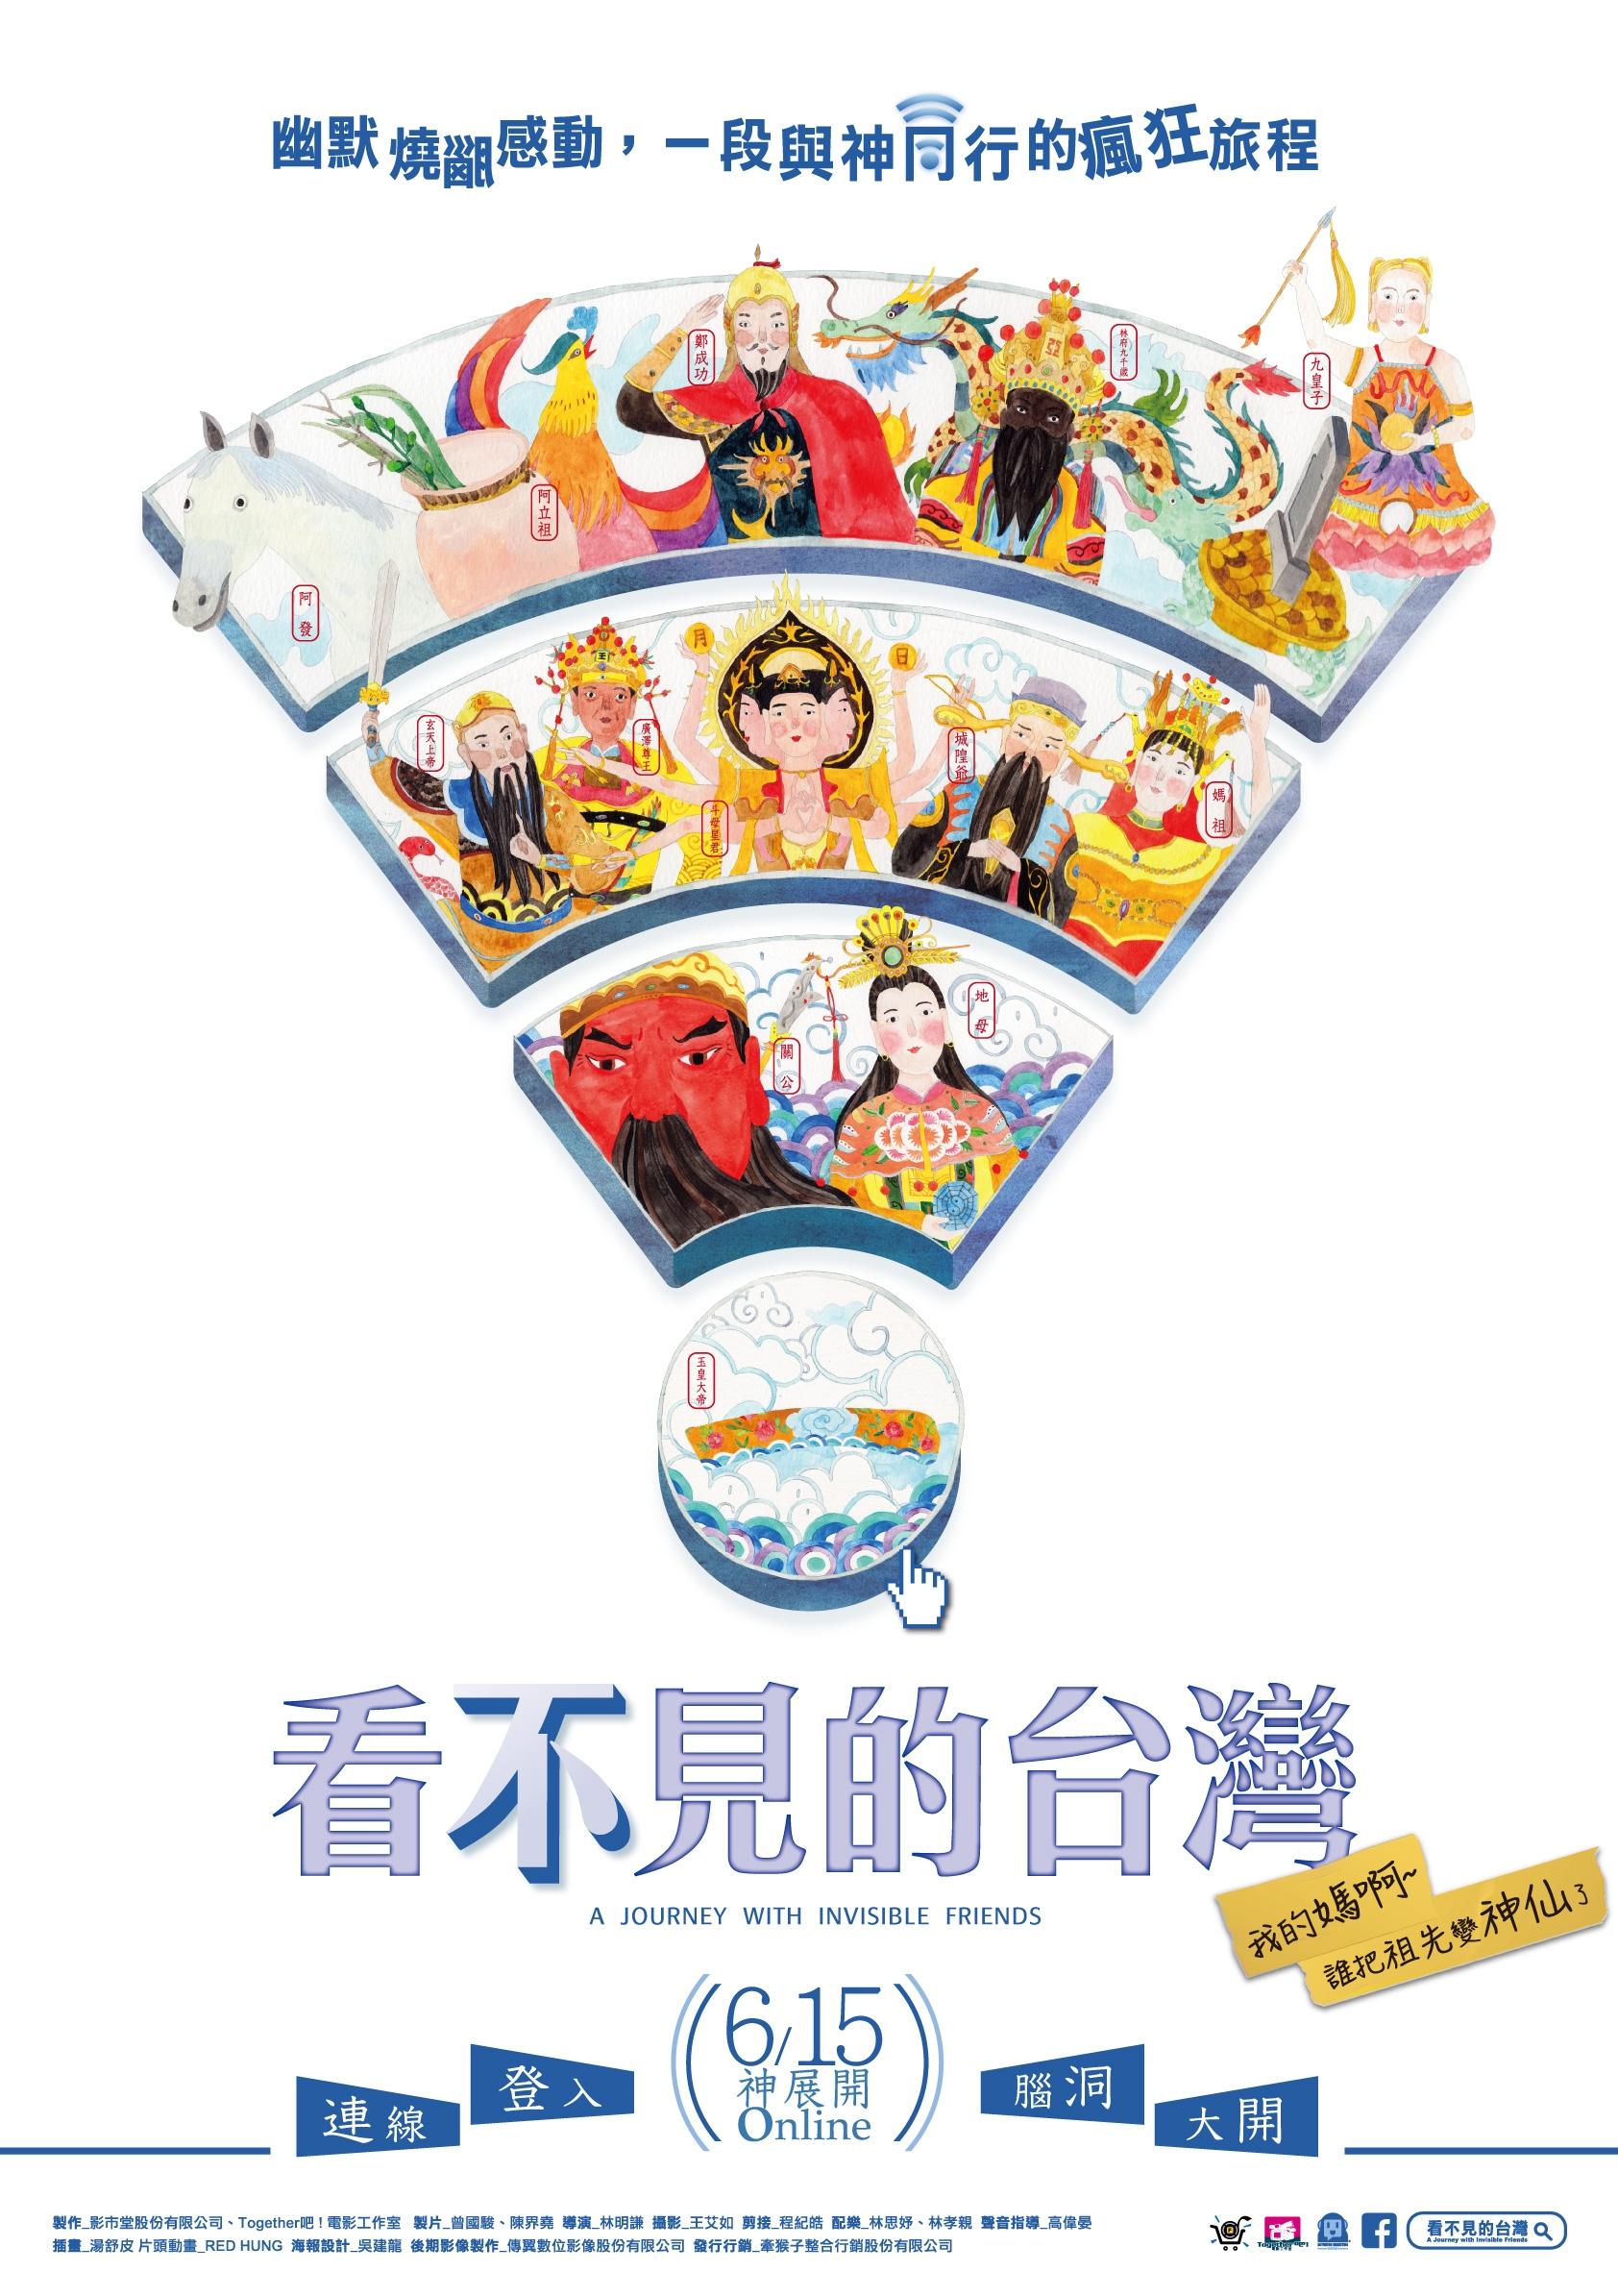 《看不見的台灣》一路紀錄「與神同行」的互動。從海報裡可以看到,鄭成功依然穿著傳統戰袍,但形象顯得可愛親民,還以手勢致意。 圖片來源│影市堂提供